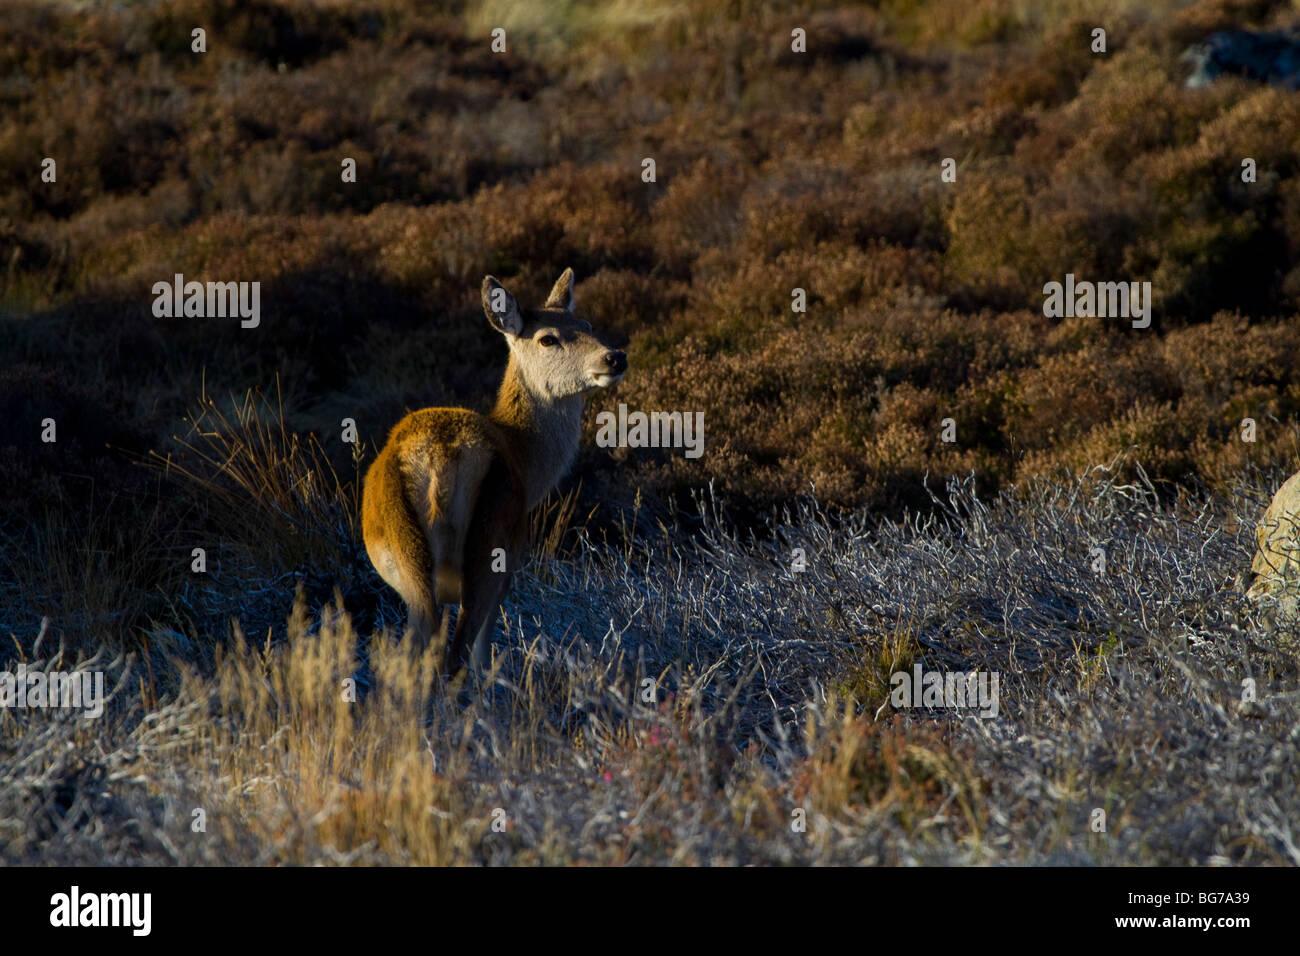 Red deer, Cervus elaphus, hind on Scottish moor, Grampian mountain range, Aberdeenshire. - Stock Image